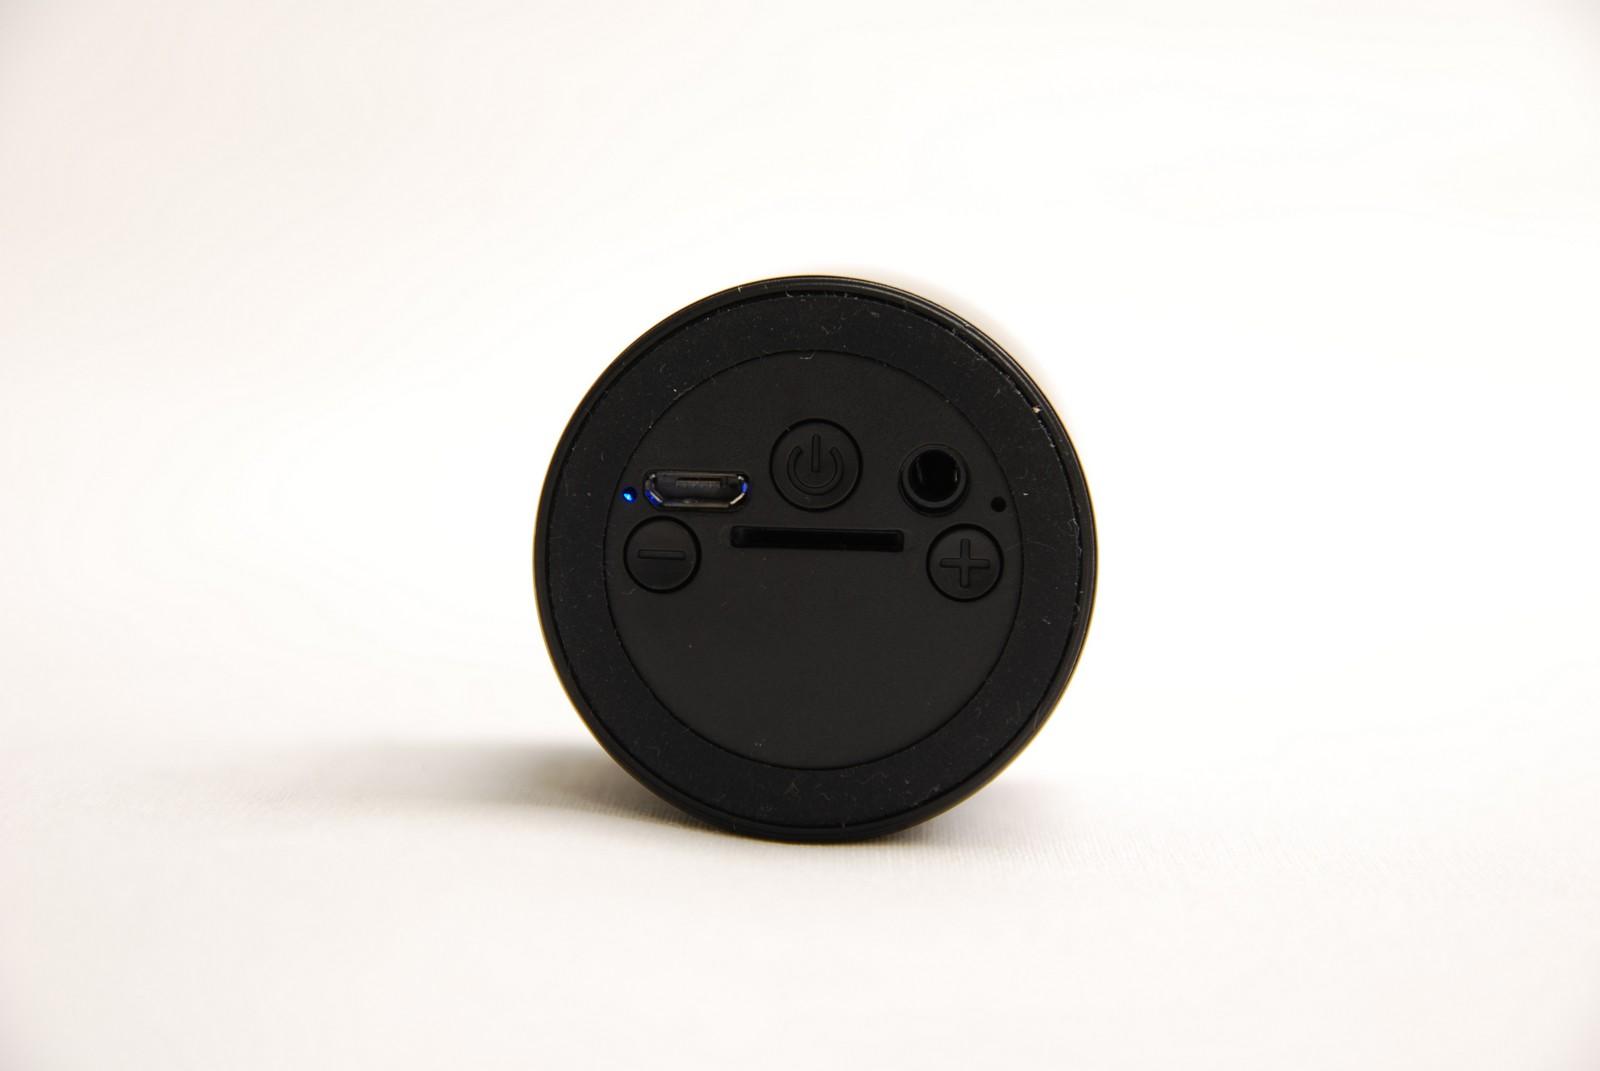 MalegaAudio Small Bluetooth Speaker